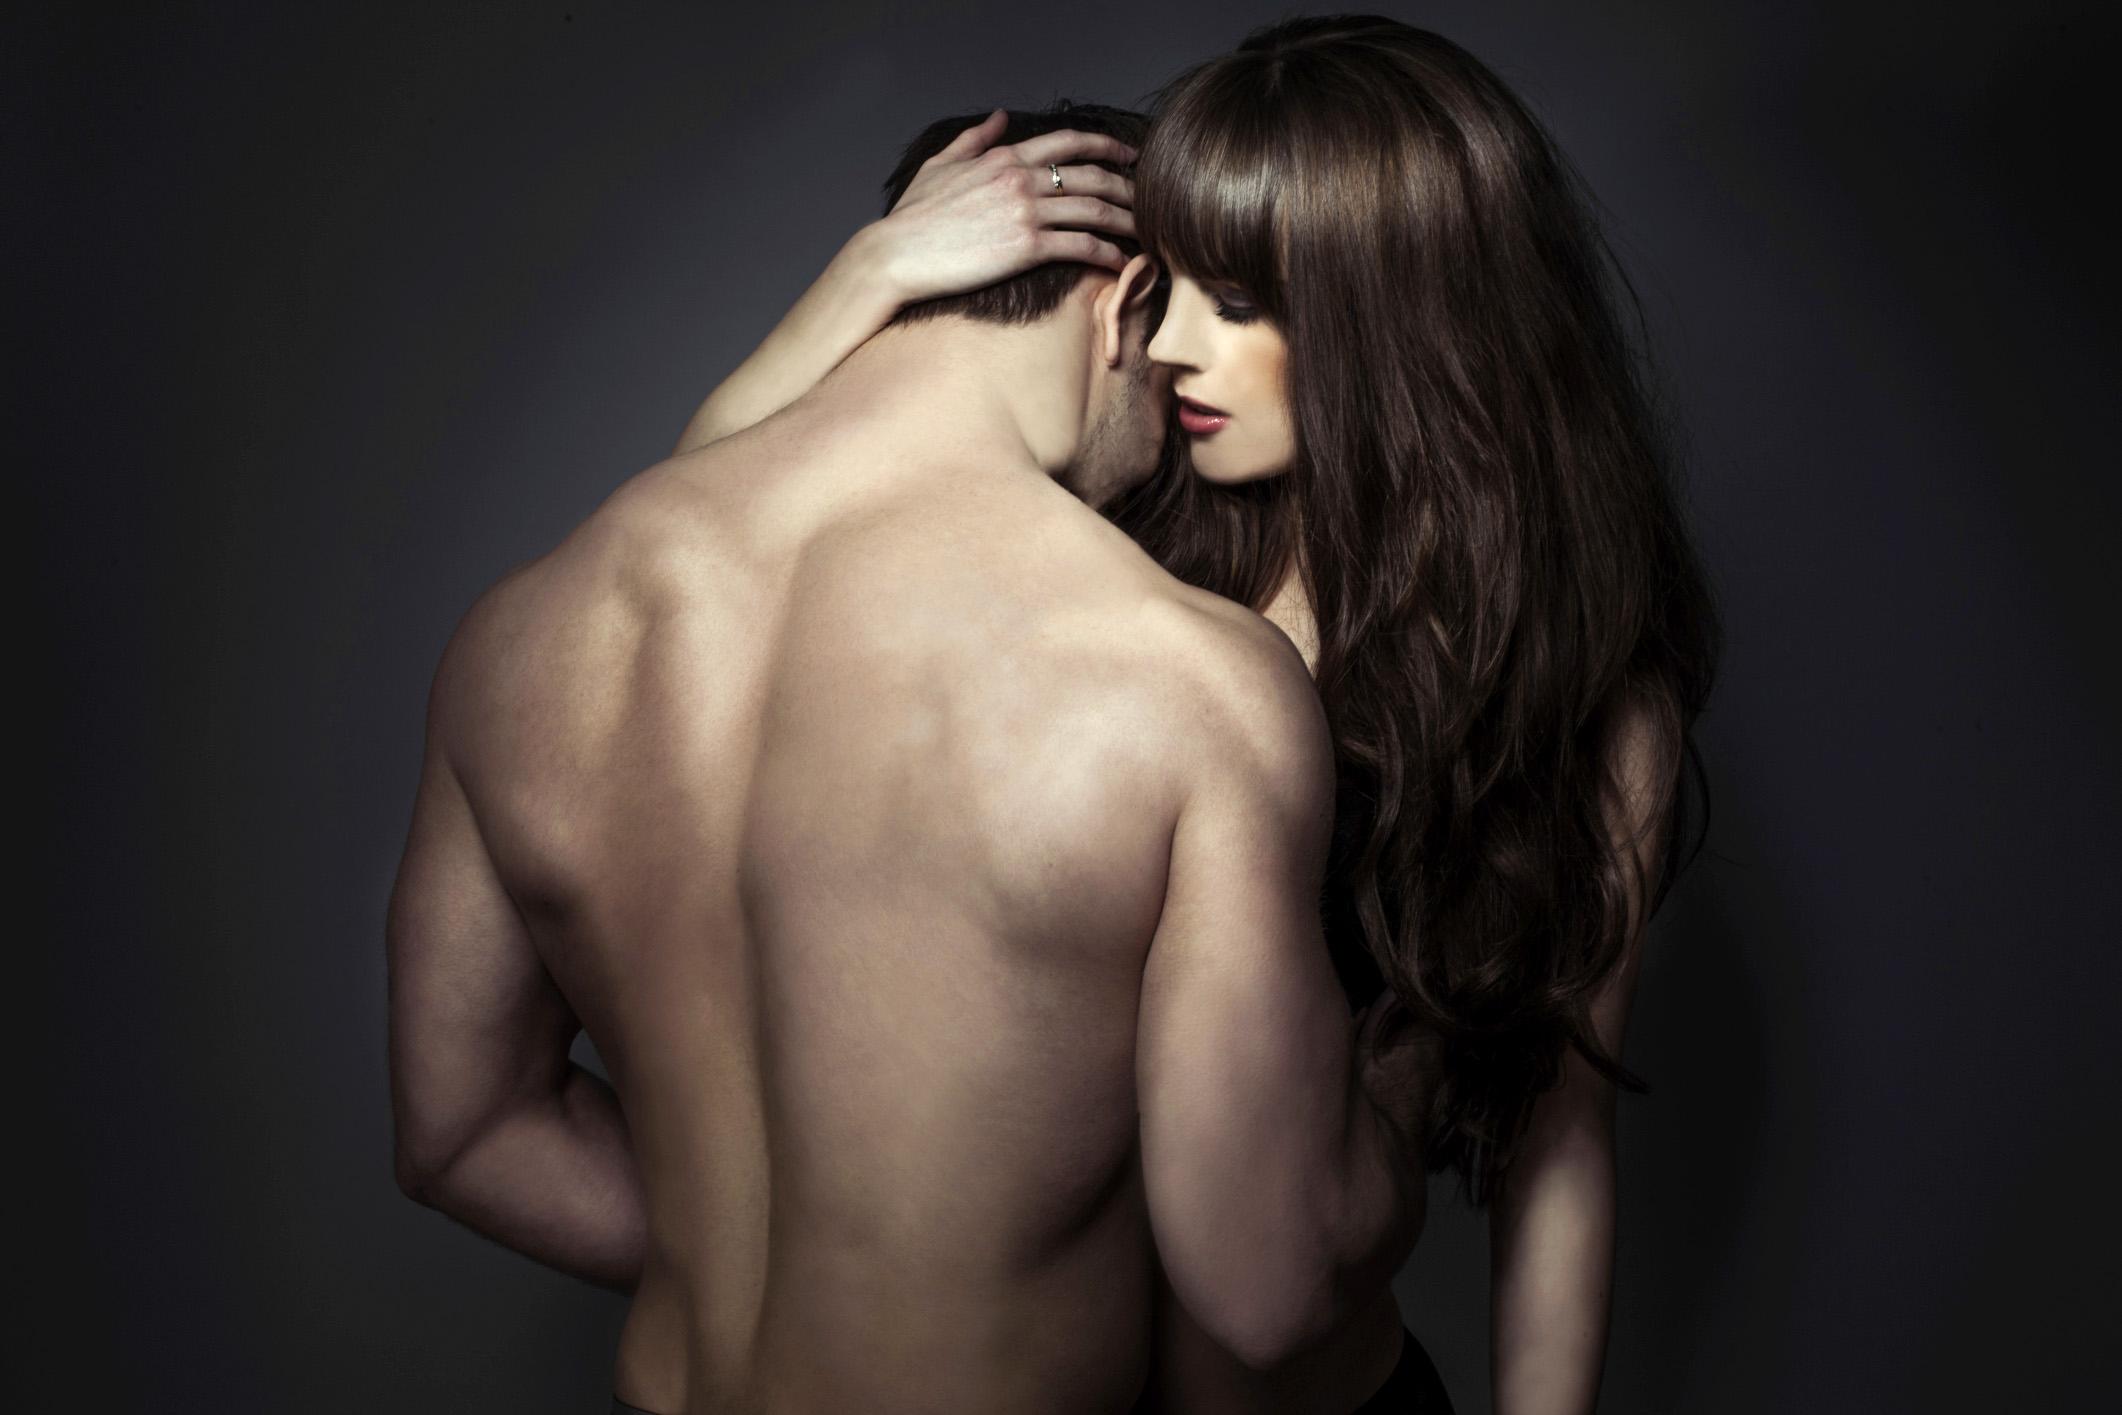 erekció férfiak fotói az éjszakai erekció káros